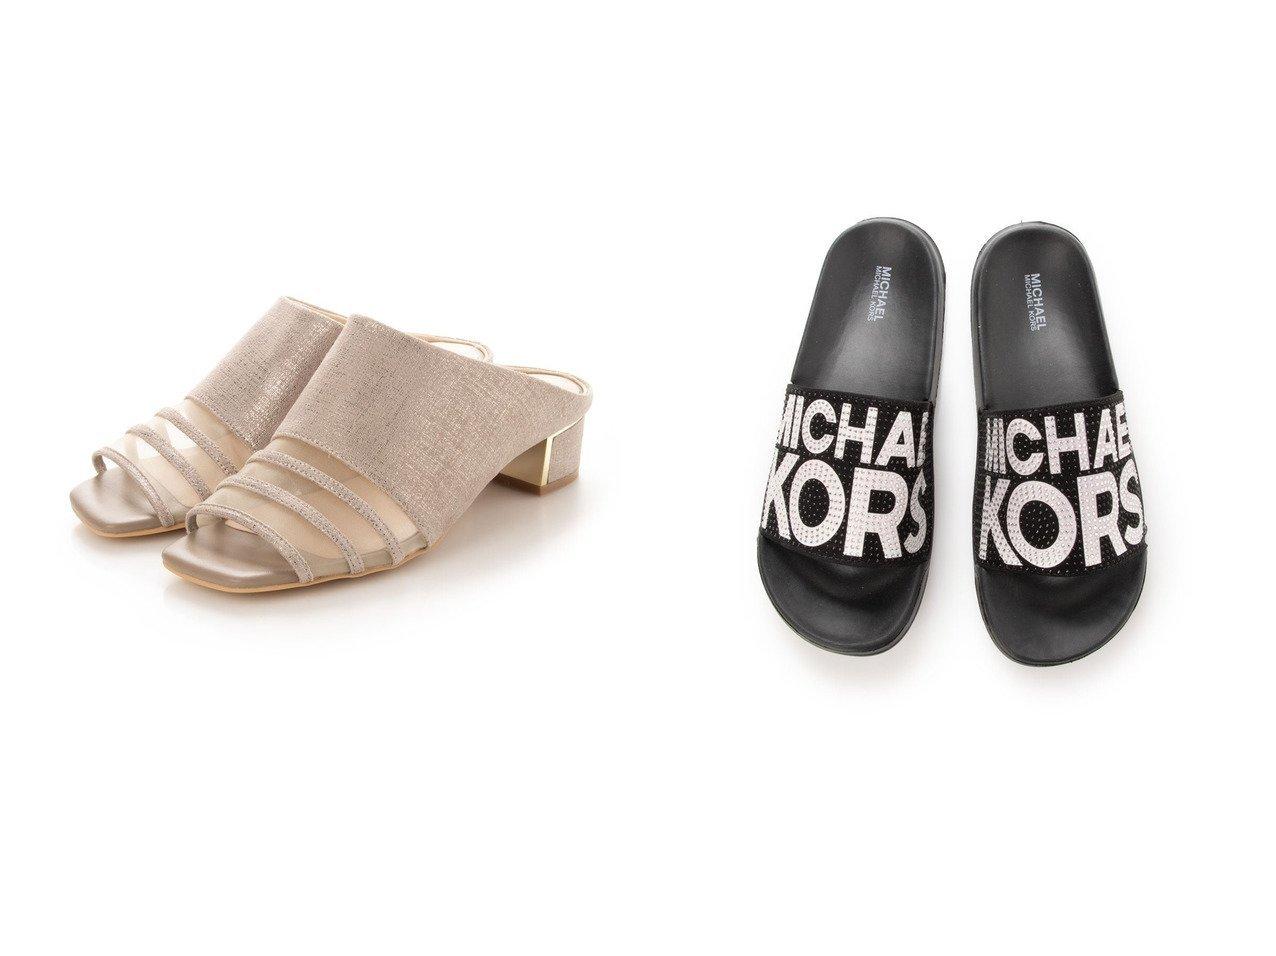 【PIEDI NUDI/ピエディヌーディ】のスェードレザー サボサンダル&【MICHAEL KORS/マイケルコース】のジェット ジェイ シャワーサンダル 【シューズ・靴】おすすめ!人気、トレンド・レディースファッションの通販 おすすめで人気の流行・トレンド、ファッションの通販商品 インテリア・家具・メンズファッション・キッズファッション・レディースファッション・服の通販 founy(ファニー) https://founy.com/ ファッション Fashion レディースファッション WOMEN クッション コレクション サンダル シンプル スニーカー スポーツ スポーティ 人気 フェミニン おすすめ Recommend イタリア オープントゥ 春 Spring スクエア スタイリッシュ スマート ソックス チュール トレンド フィット リアル 2021年 2021 S/S・春夏 SS・Spring/Summer 2021春夏・S/S SS/Spring/Summer/2021 夏 Summer |ID:crp329100000048166